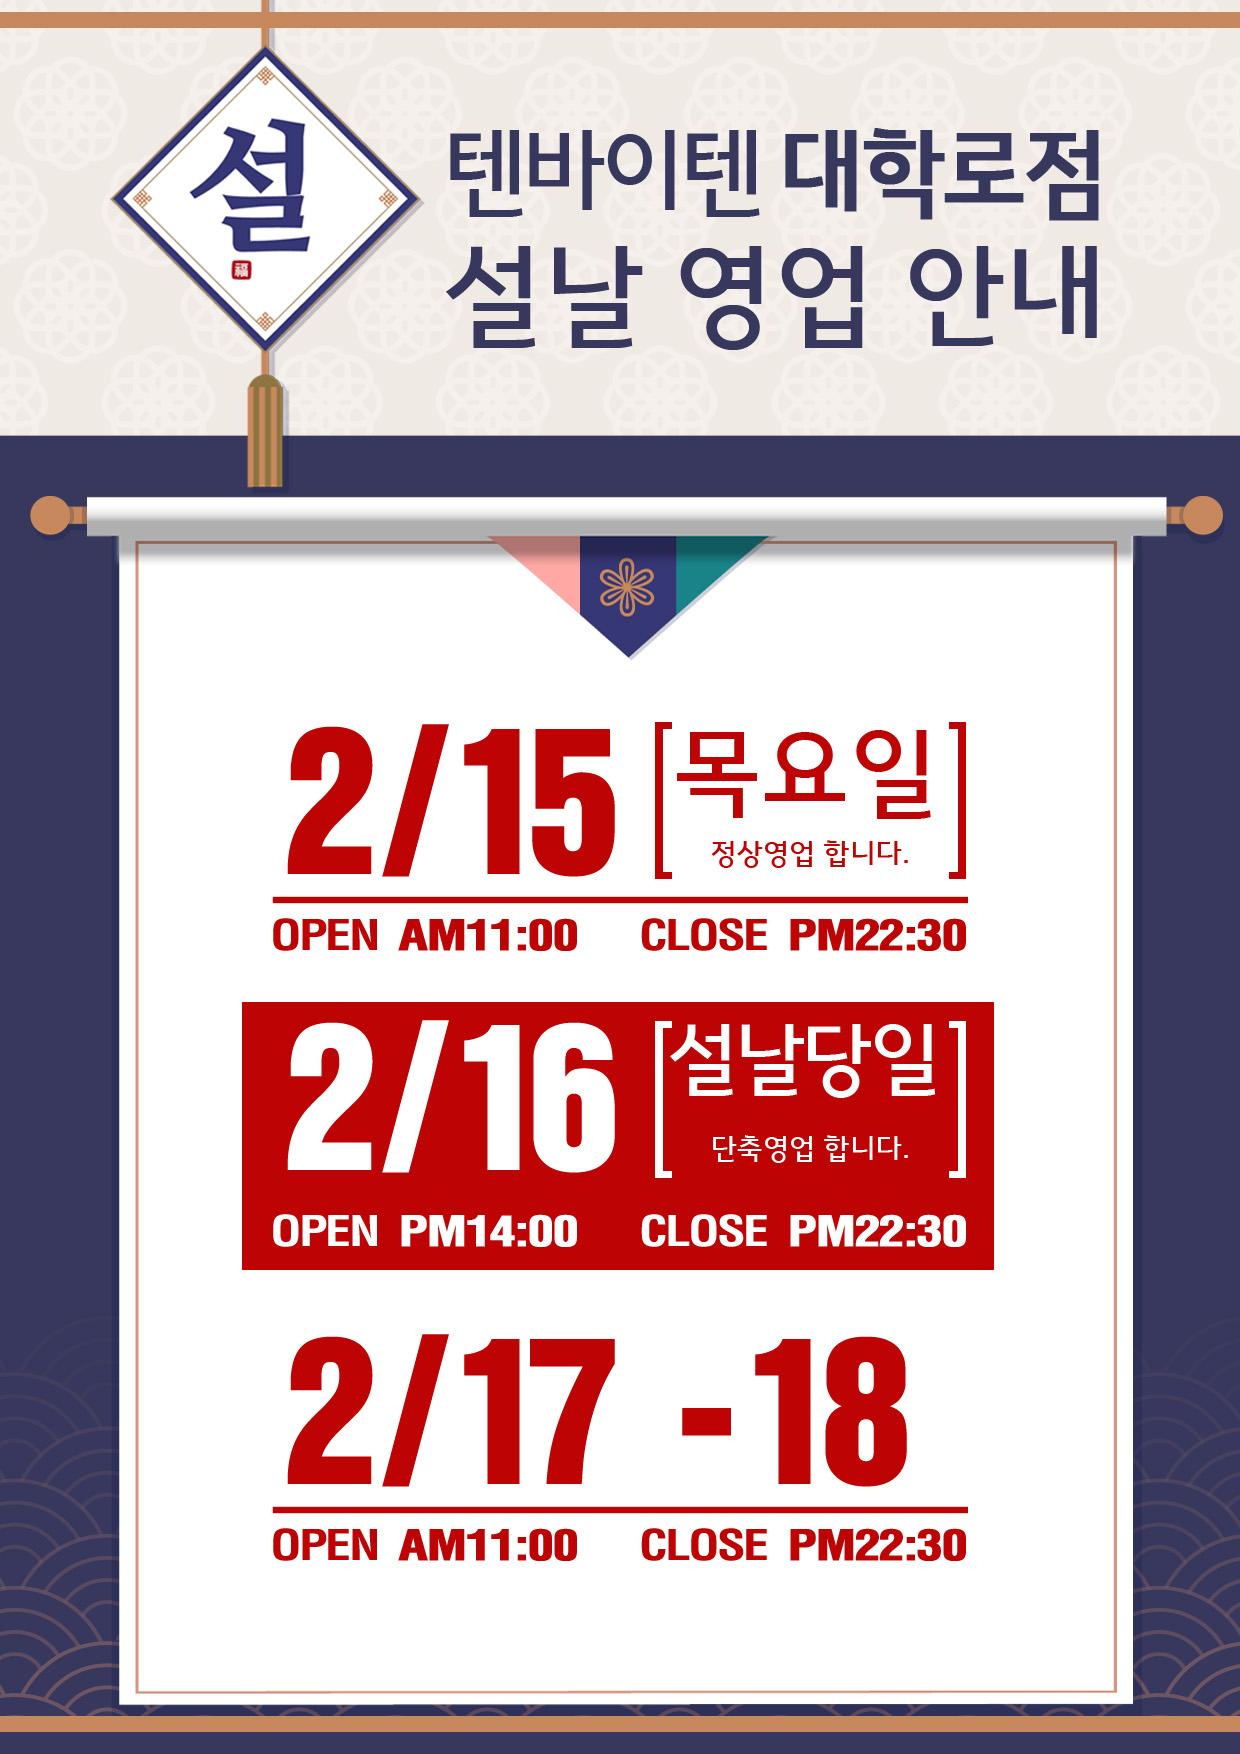 02월16일(설날 당일)은 단축영업합니다.  나머지 설날 연휴는 정상 영업합니다.  텐바이텐과 즐거운 명절 보내세요:)